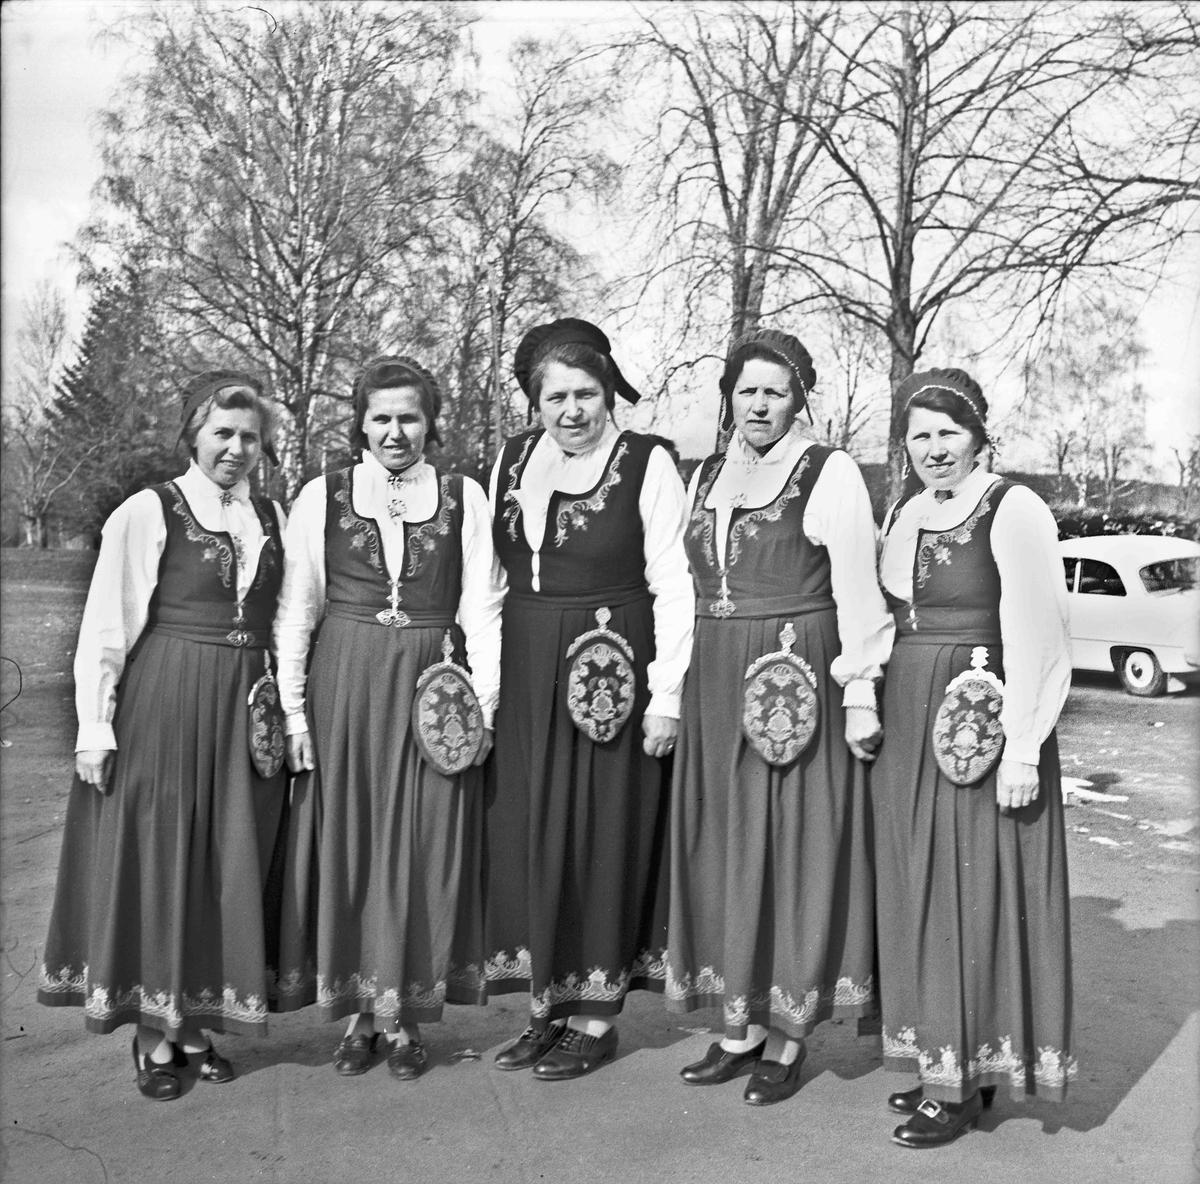 Kvinner i bunad. Søstrene Myrvang. Karen i midten. De andre heter Emilie, Martha, Ruth og en ukjent. Kommentar fra Amund Nedland: Barn av Julius Myrvang (1878-1965) og Laura Marie Myrvang (1879-1953). Fra venstre: Amalie Myrvang (1913–1986), Ruth Myrvang Hunsbedt (1919–2010), Karen Myrvang Nordby (1911–1988), Magnhild Myrvang Vagle (1904–1997), Martha Myrvang (1908–1977). Bilde muligens fra foreldrenes gullbryllupsdag i 1951. 22.08.2013: Er ganske sikker på at nr 2 fra høyre er Ella Tømte, senere gift Fossholm Skrevet av: Aase Tømte